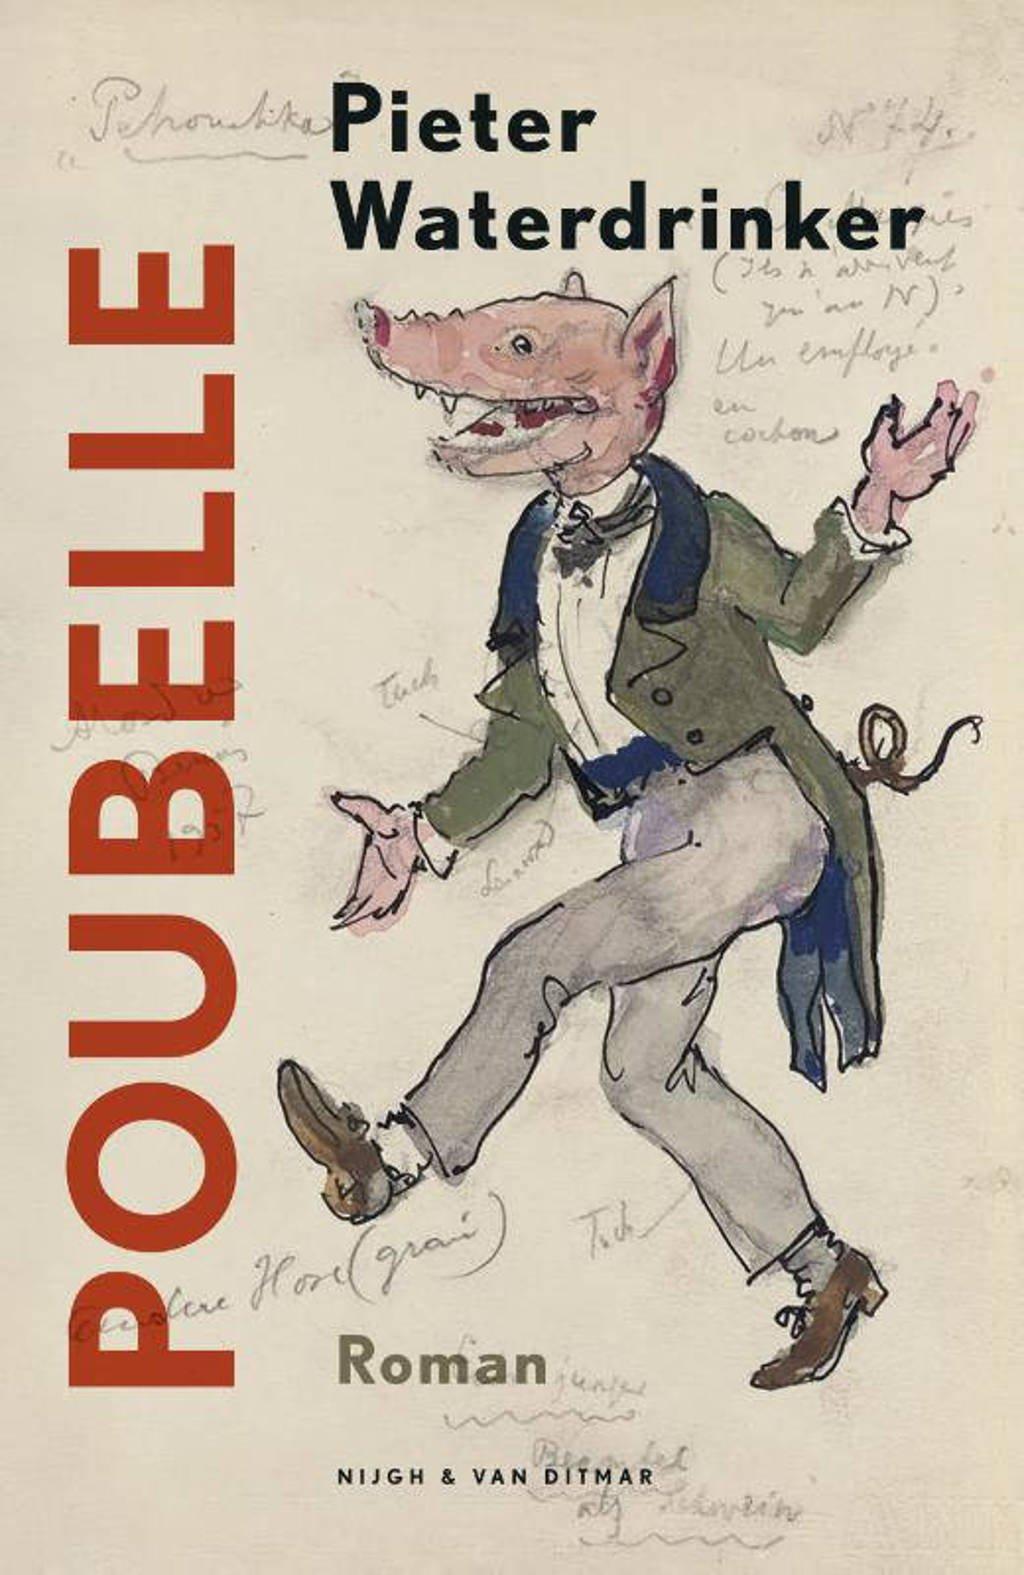 Poubelle - Pieter Waterdrinker